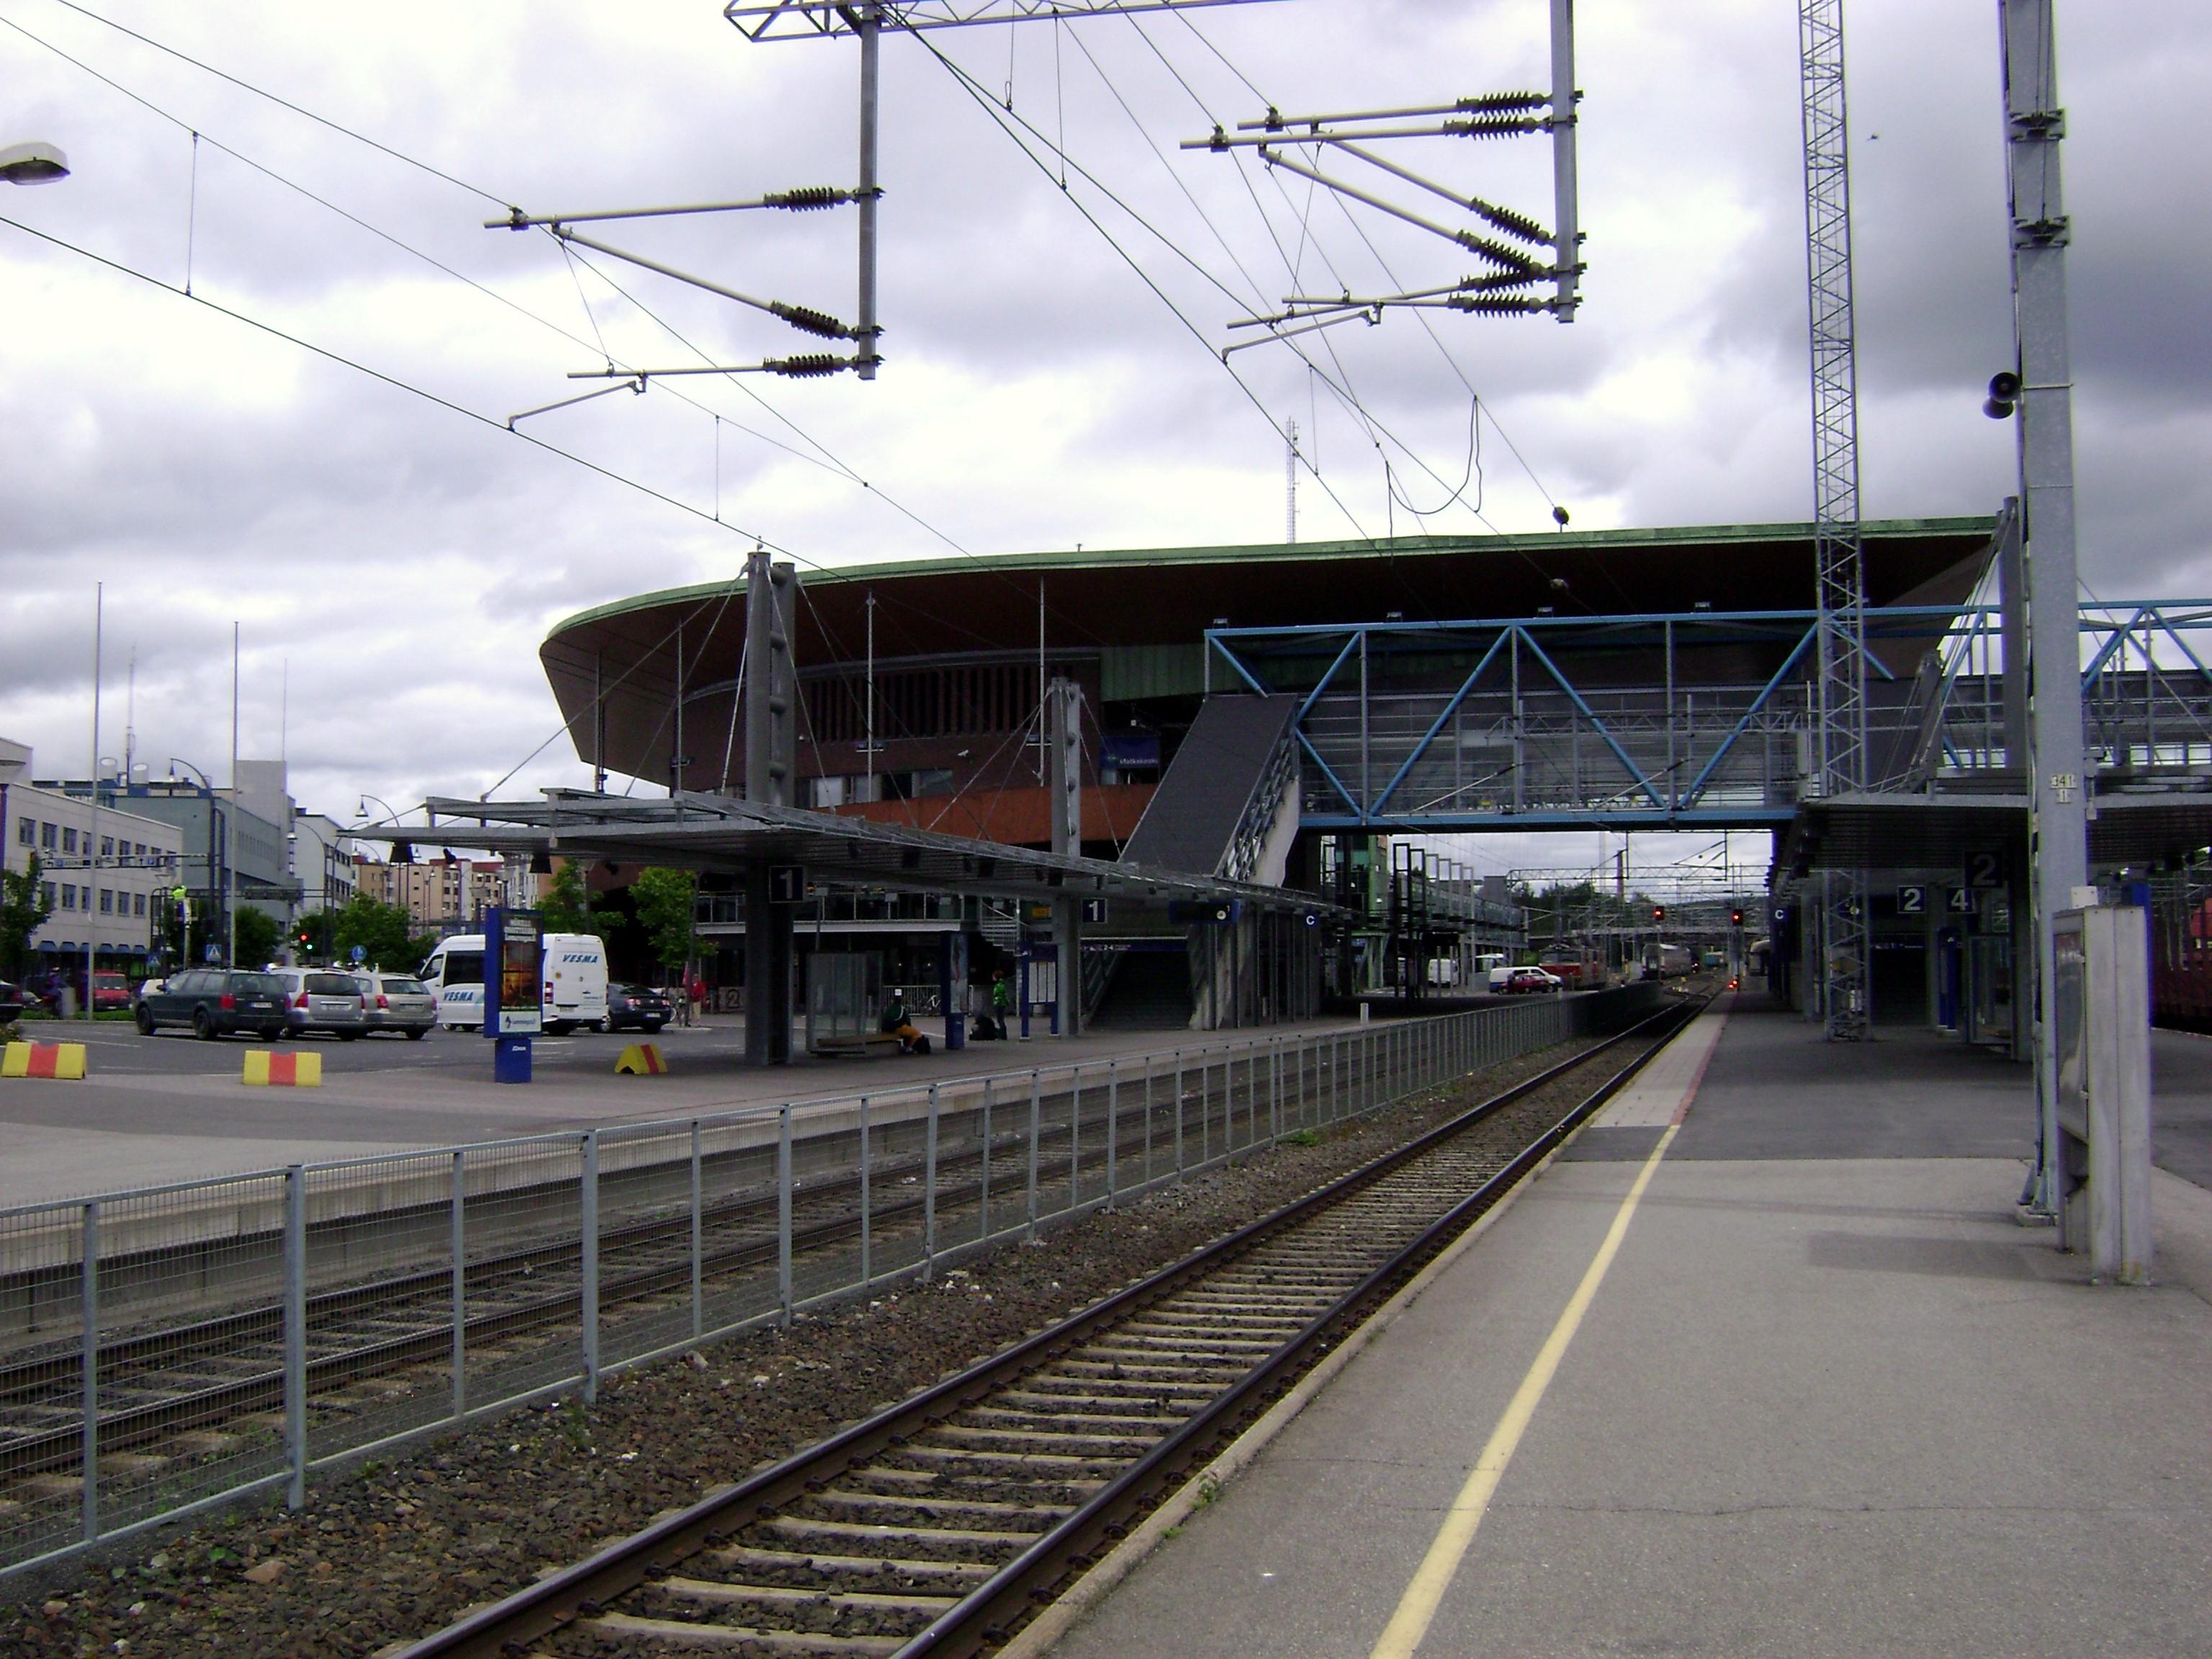 jyväskylän matkakeskus Imatra